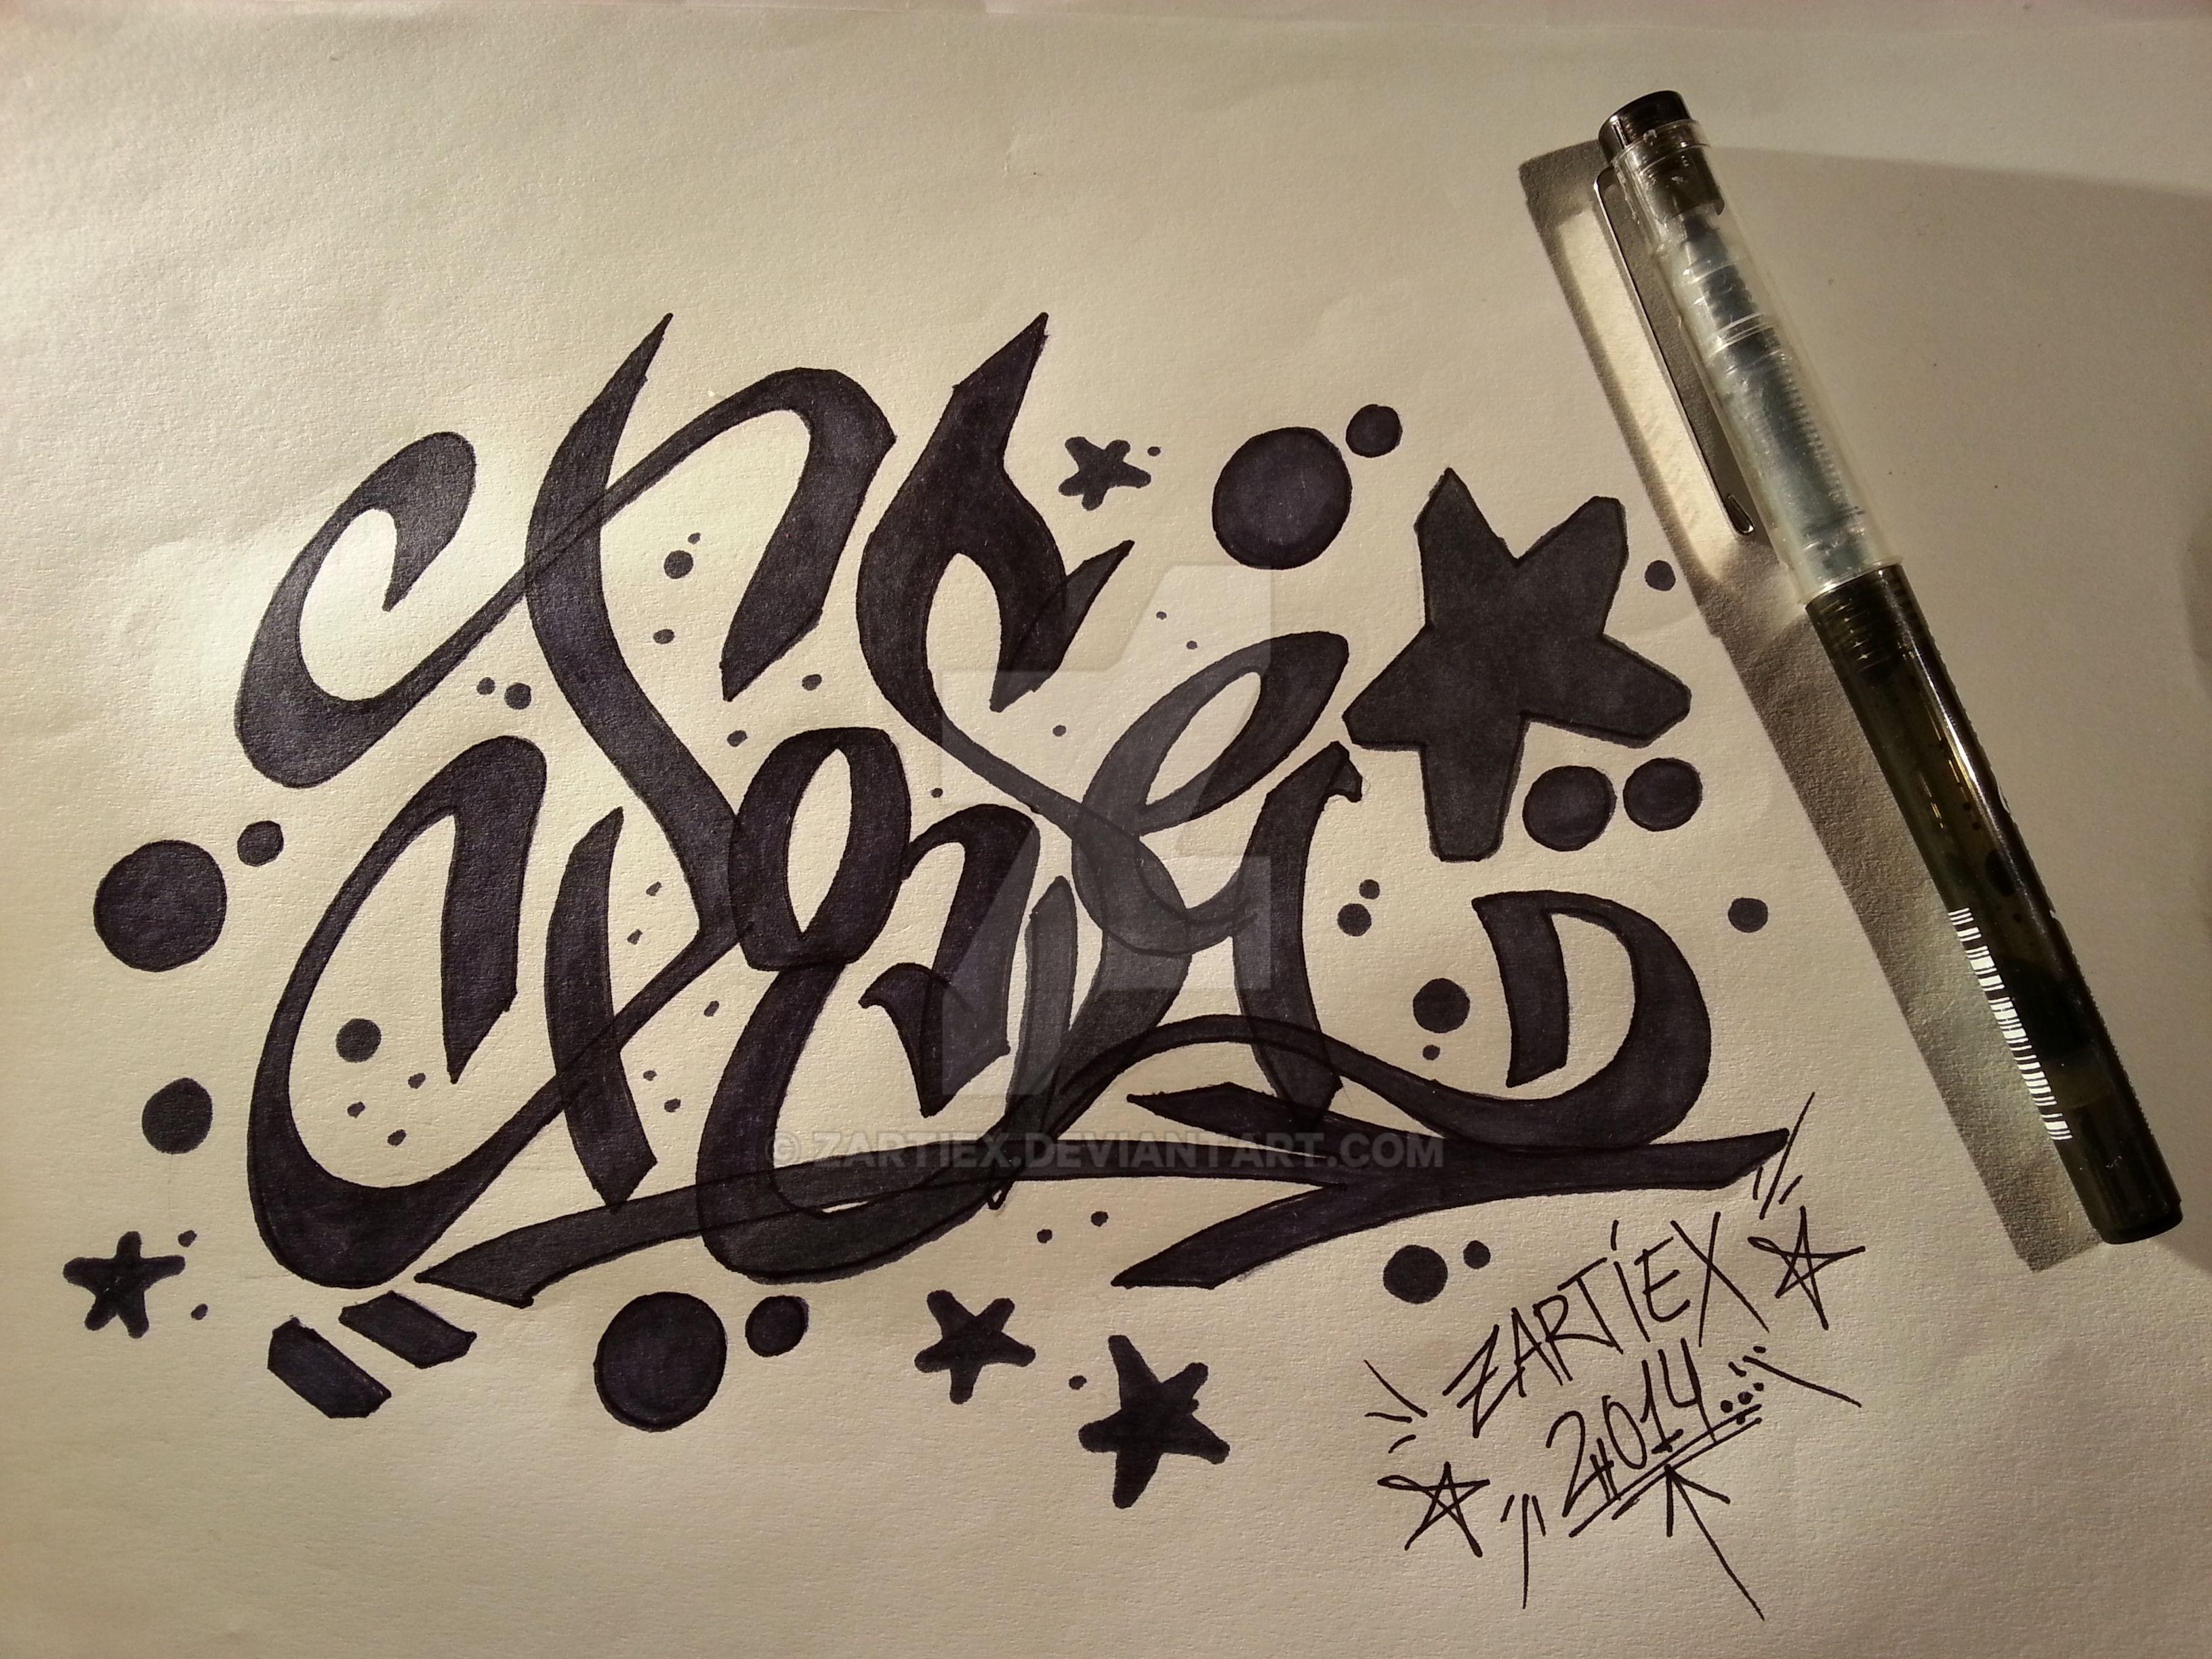 Como dibujar letras 3D de graffitis faciles by Zartiex on DeviantArt